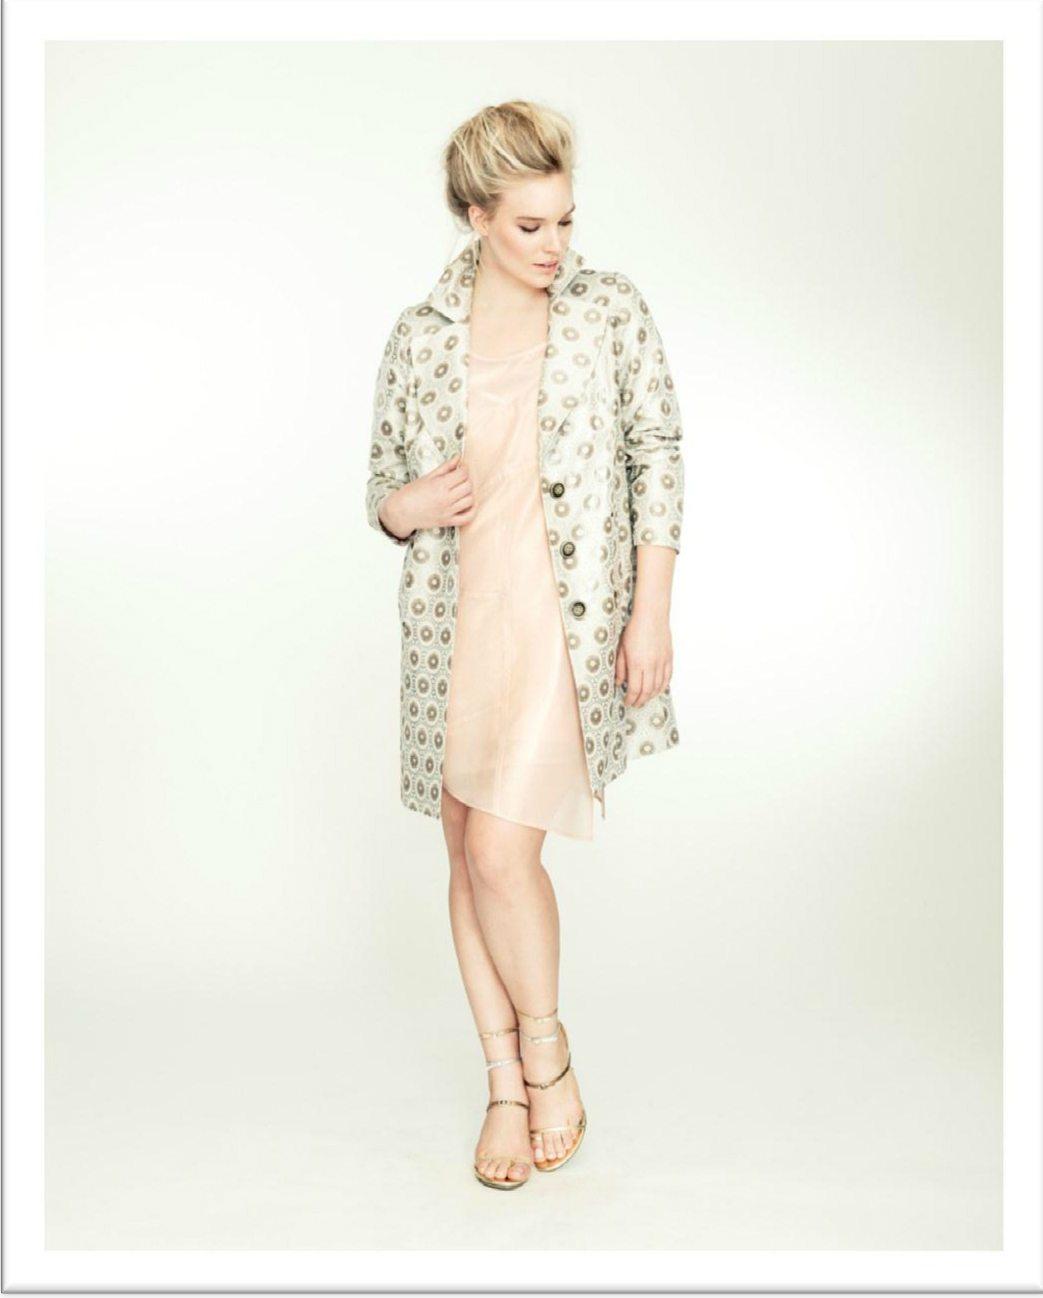 Isabel Toledo - Fashion Designer Encyclopedia - clothing, century Elizabeth toledo fashion designer